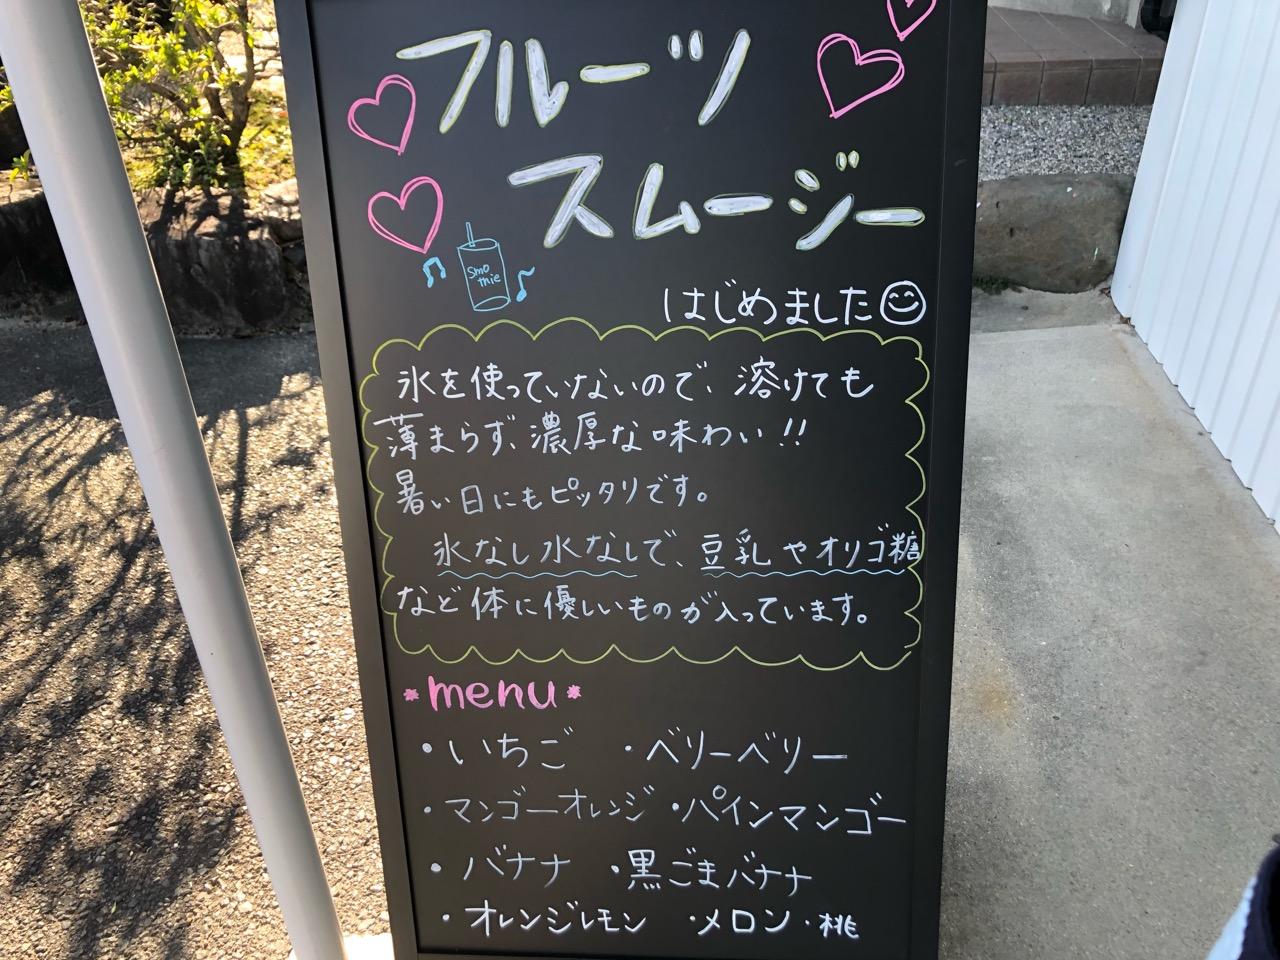 戸田フルーツのスムージーメニュー